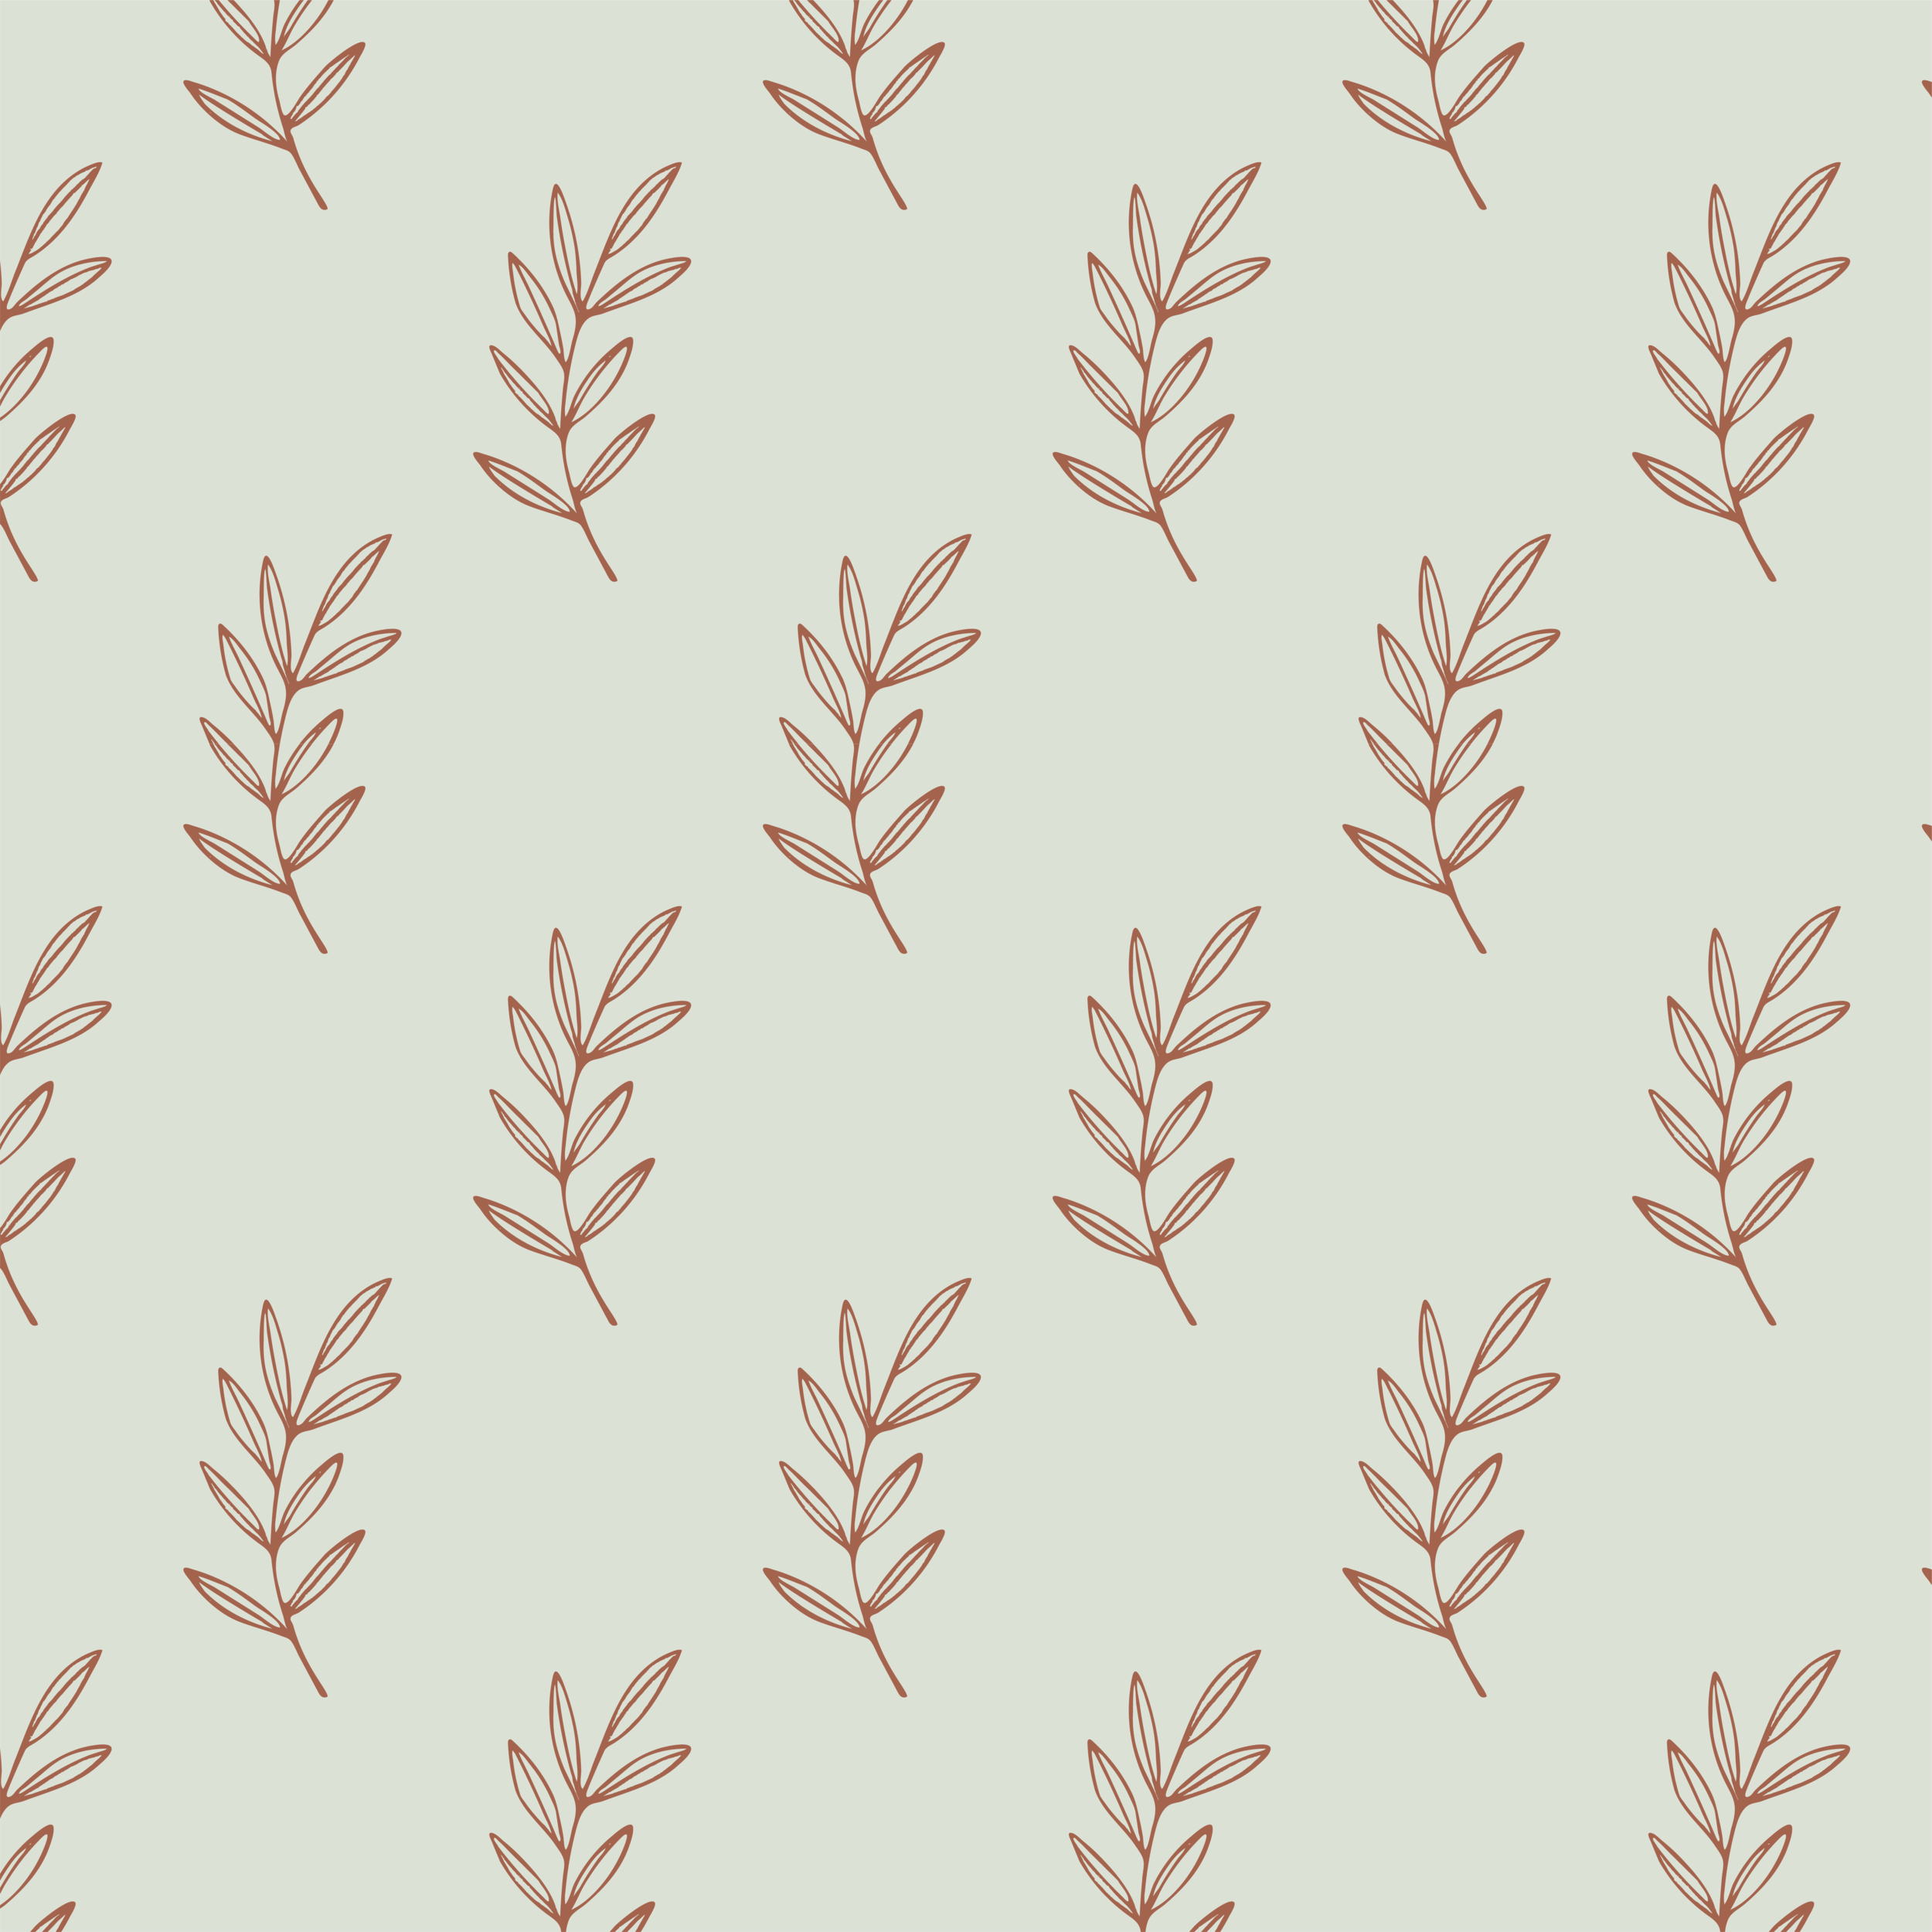 Farmgrown Freelance Final_Pattern 1.png